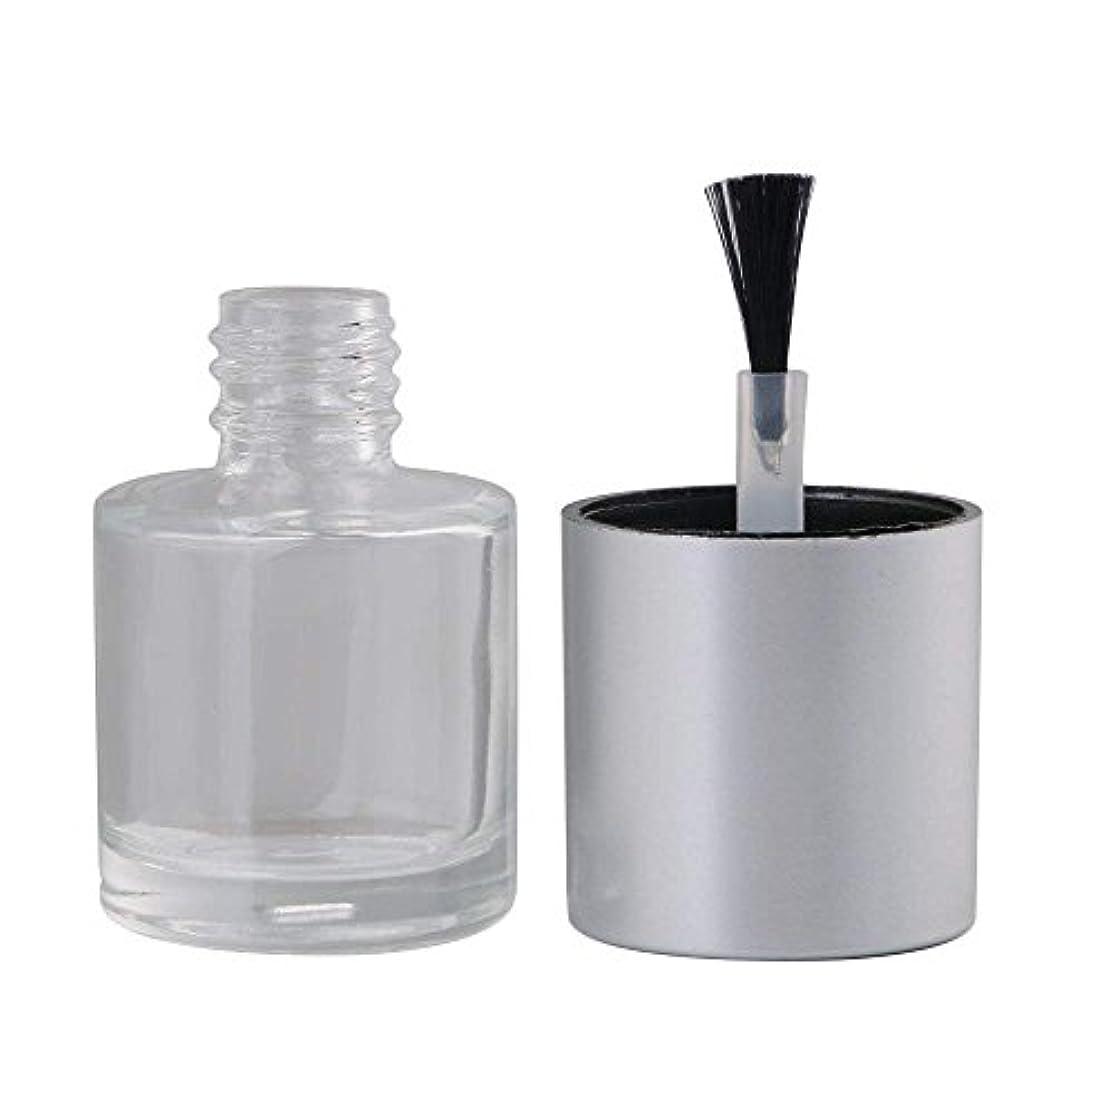 共同選択ファシズムエスニックDiystyle 10個入 マニキュアボトル 空ボトル 10ml 小分けボトル 詰め替え 化粧品収納 旅行用品 ガラス グレー